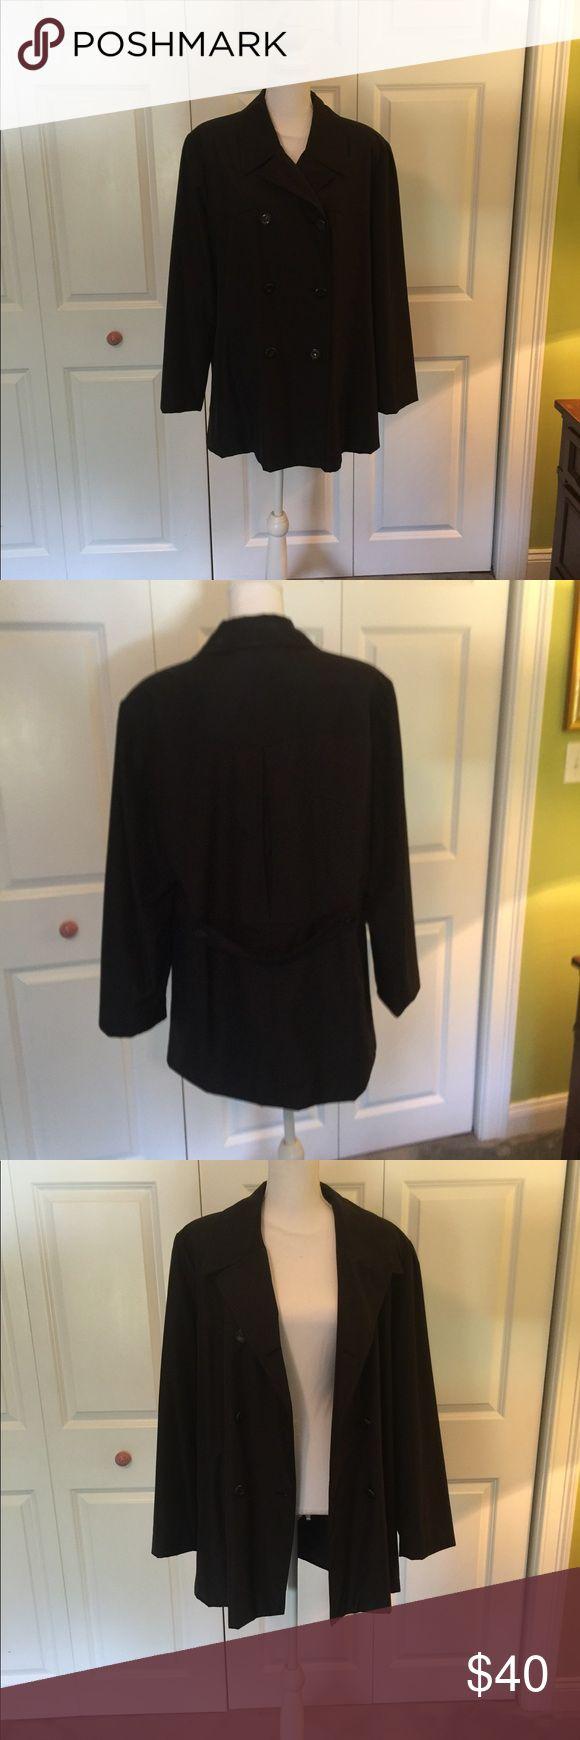 Nylon Trench Coat Lined Beautiful Condition Rain Coat Fleet Street Jackets & Coats Trench Coats